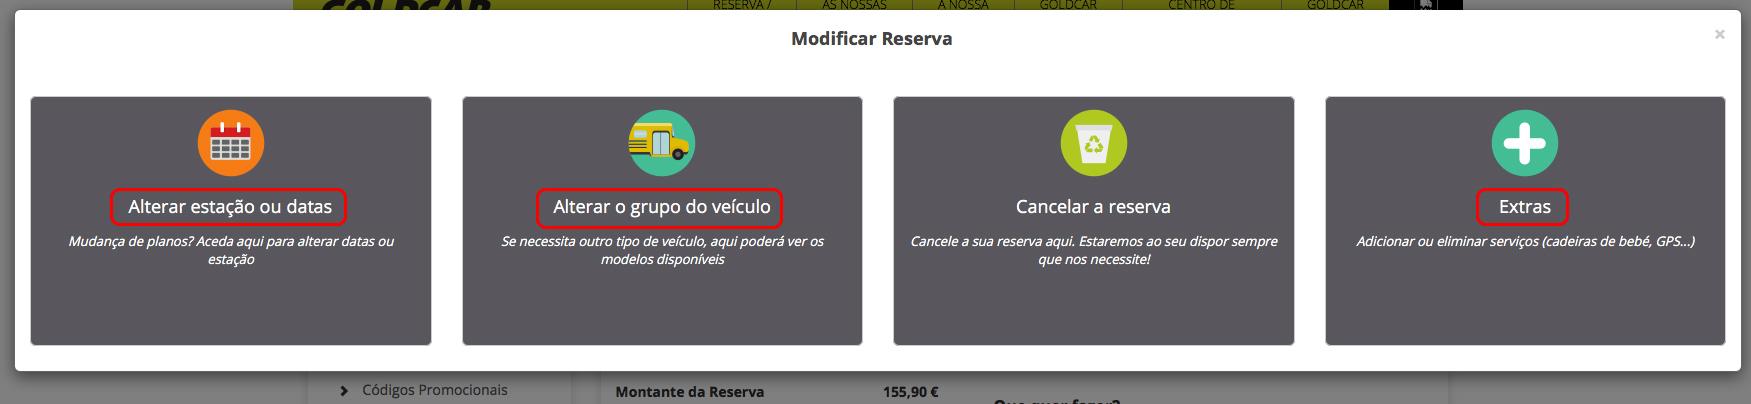 Como altero a minha reserva? (Mudar a data, mudar de veículo, adicionar ou remover extras...) (4)